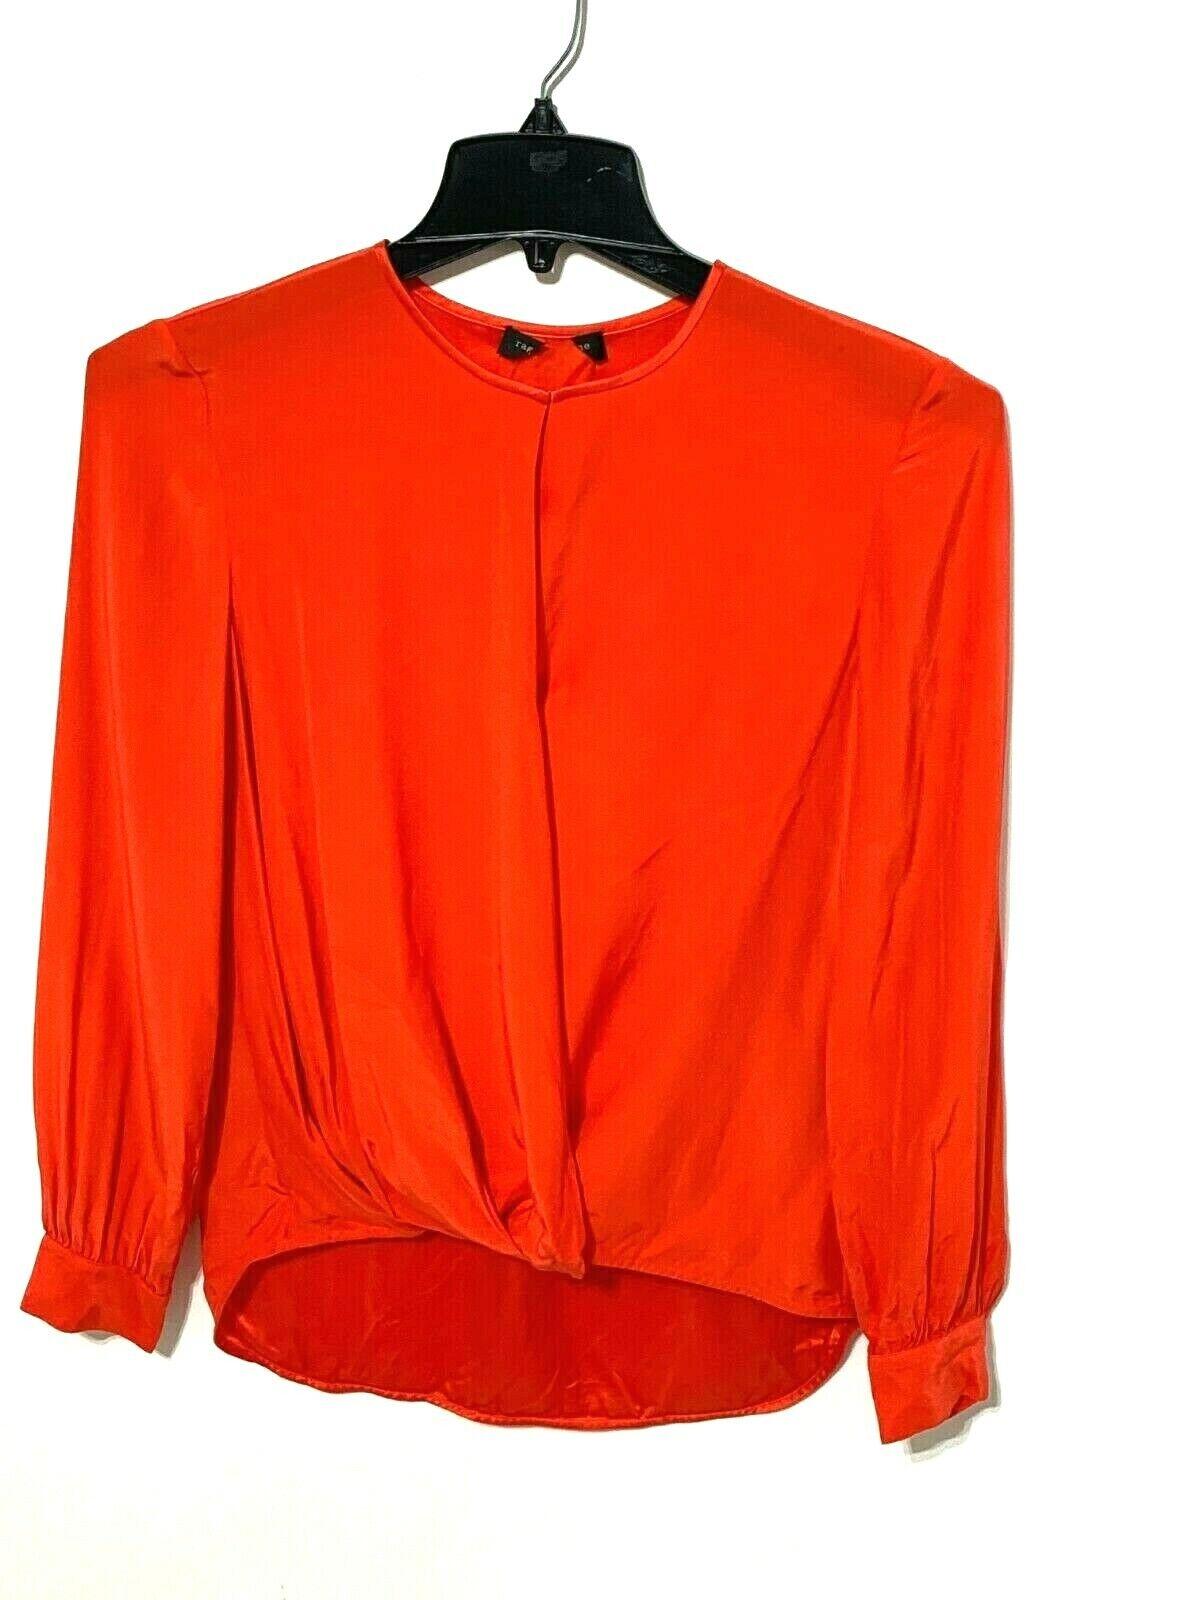 Rag and bone Lora silk blouse Retail $350 Orange… - image 1